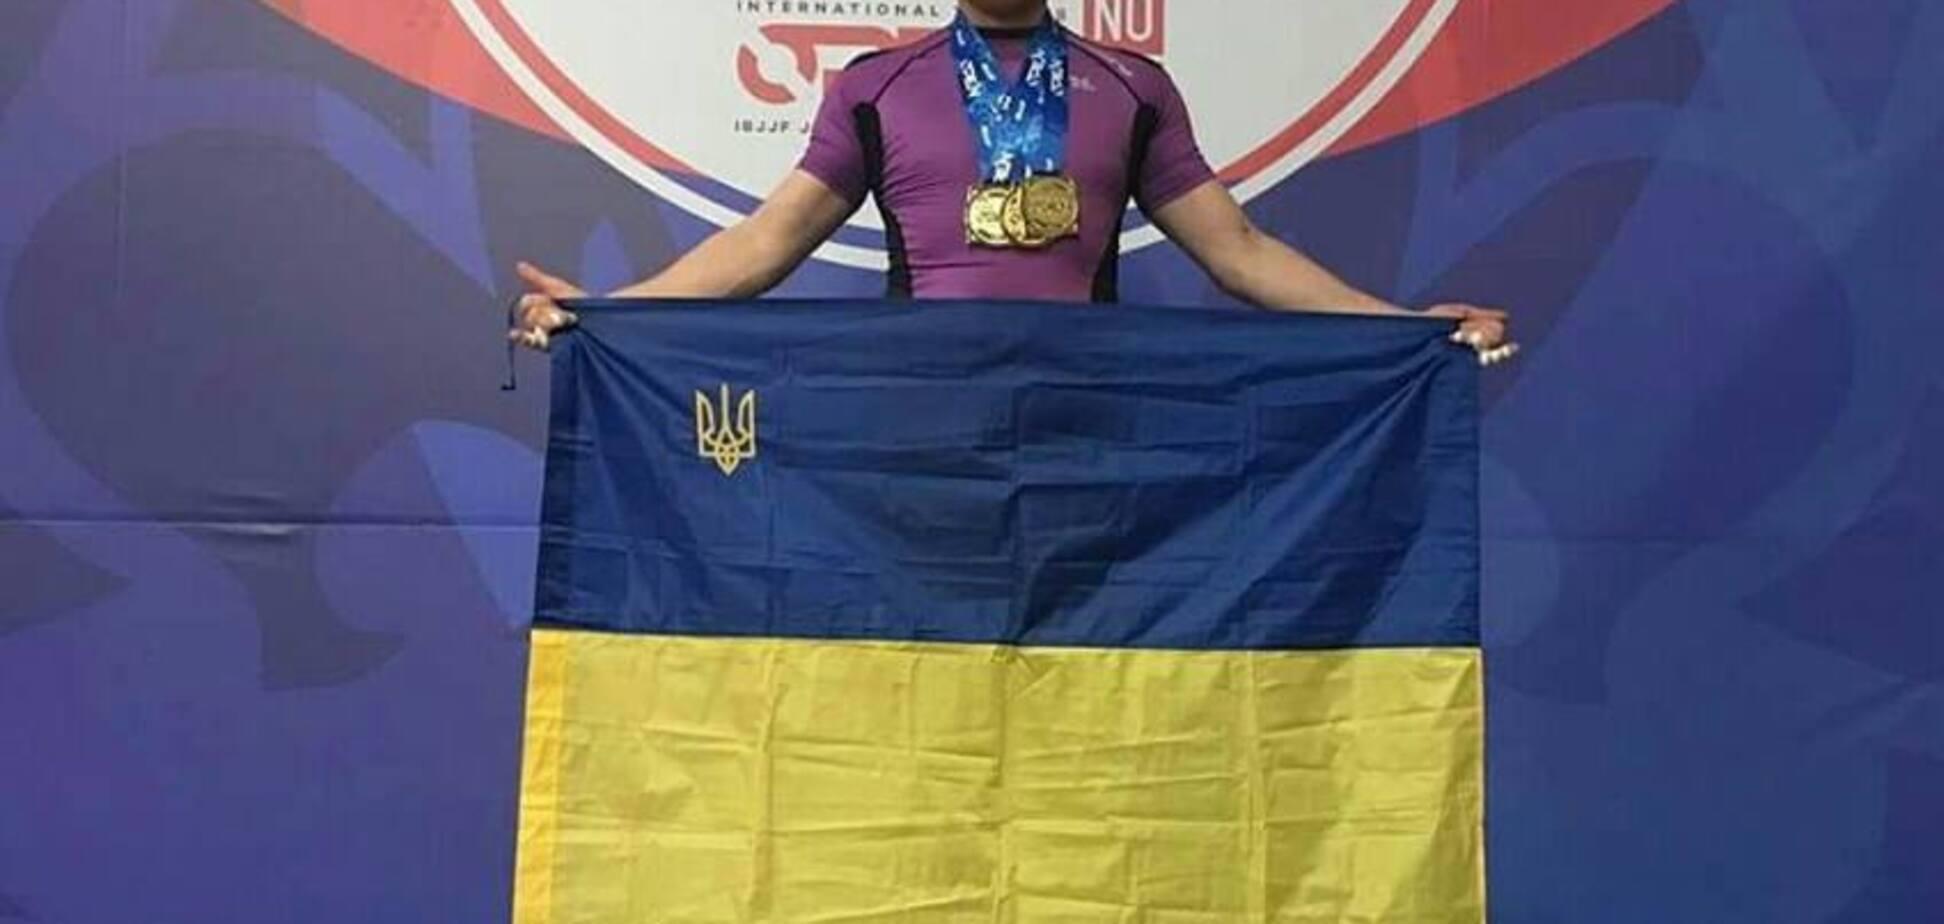 Чемпіон Європи з України госпіталізований у важкому стані